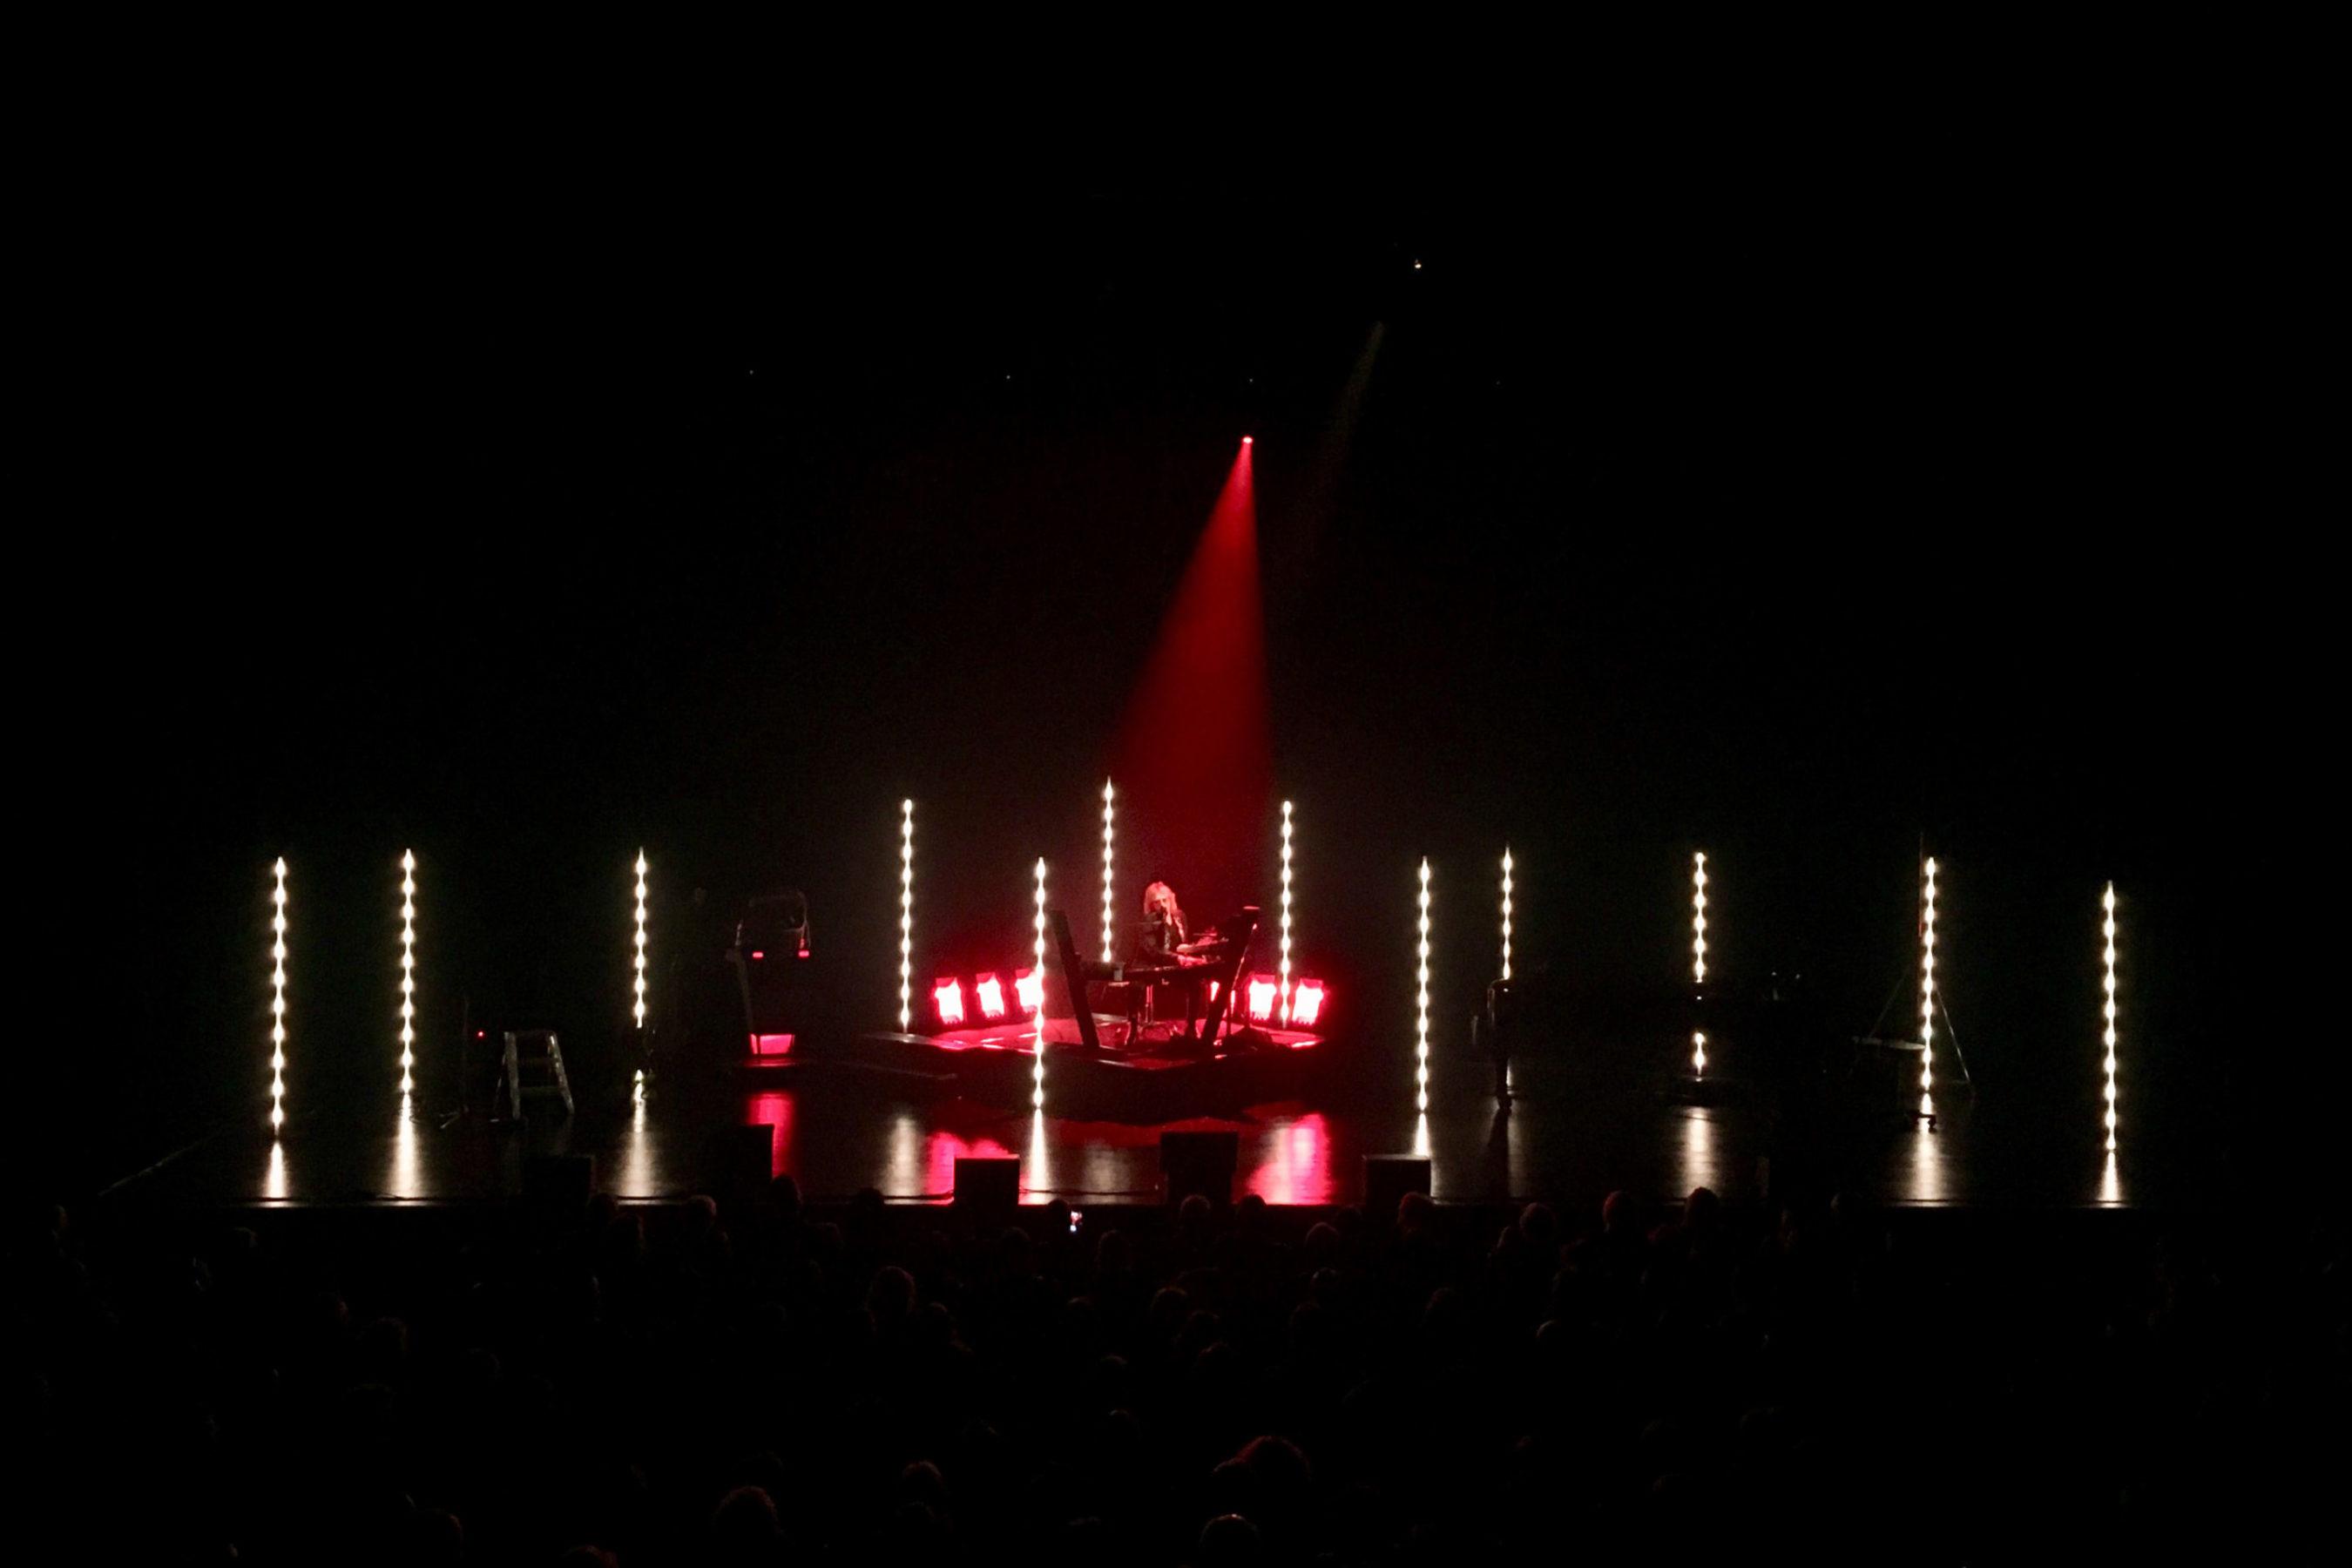 Christophe en solo lors de sa tournée Intime Tour (2017/2018)